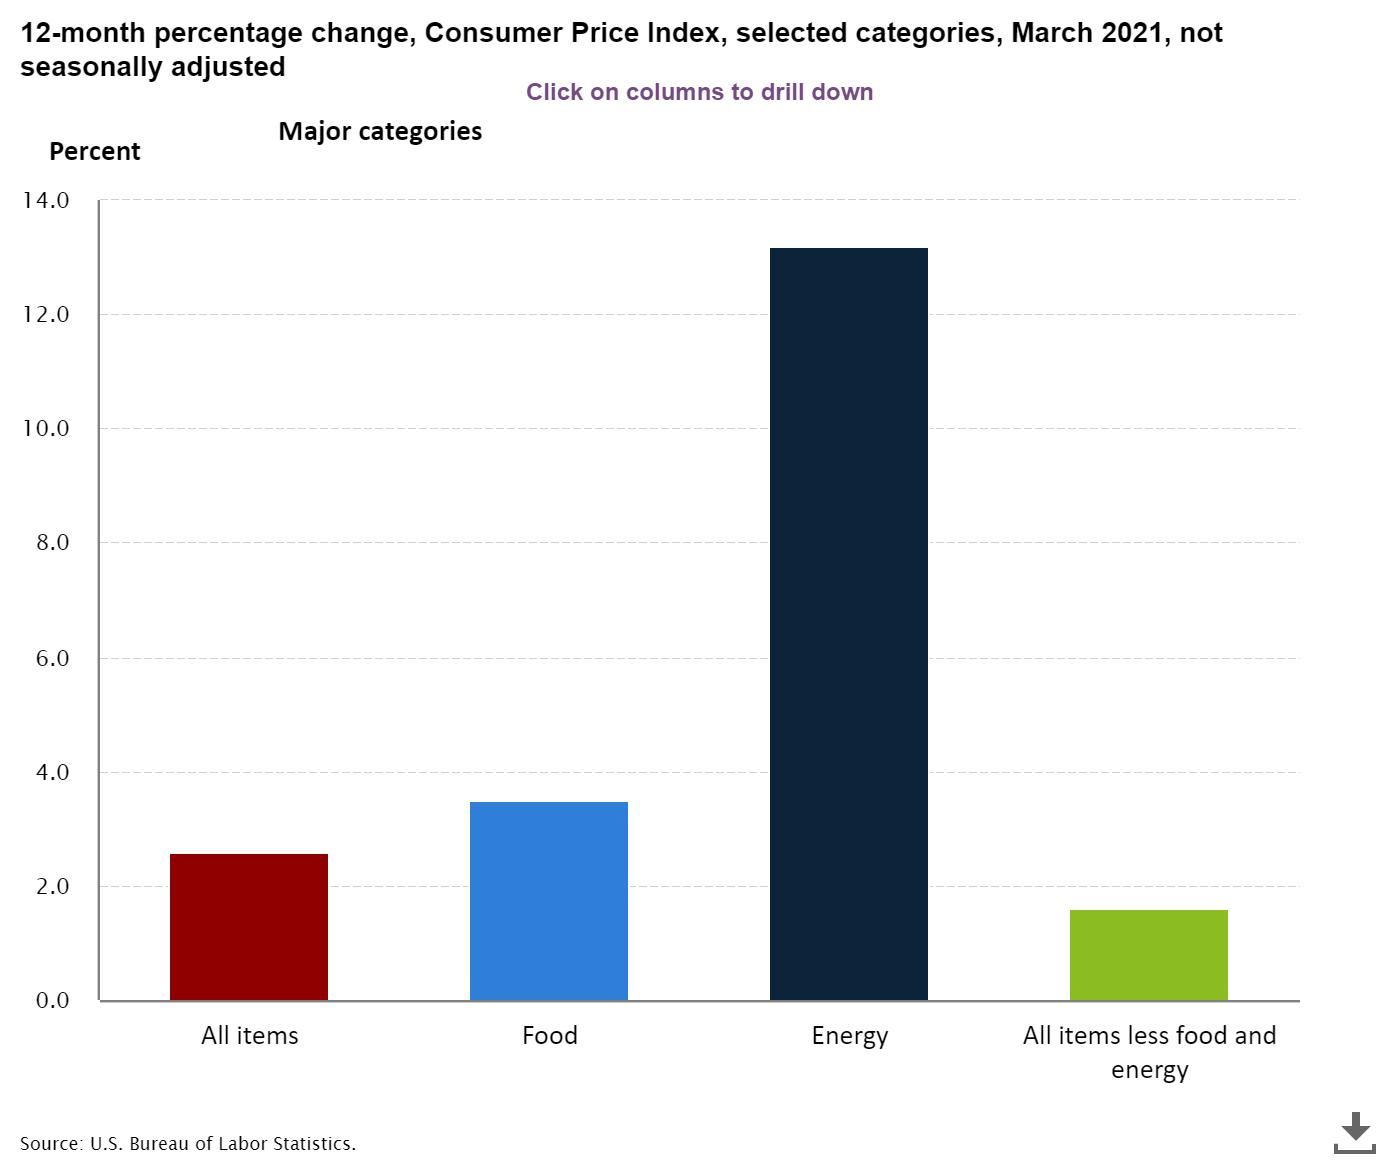 Consumer Price Index March 2021